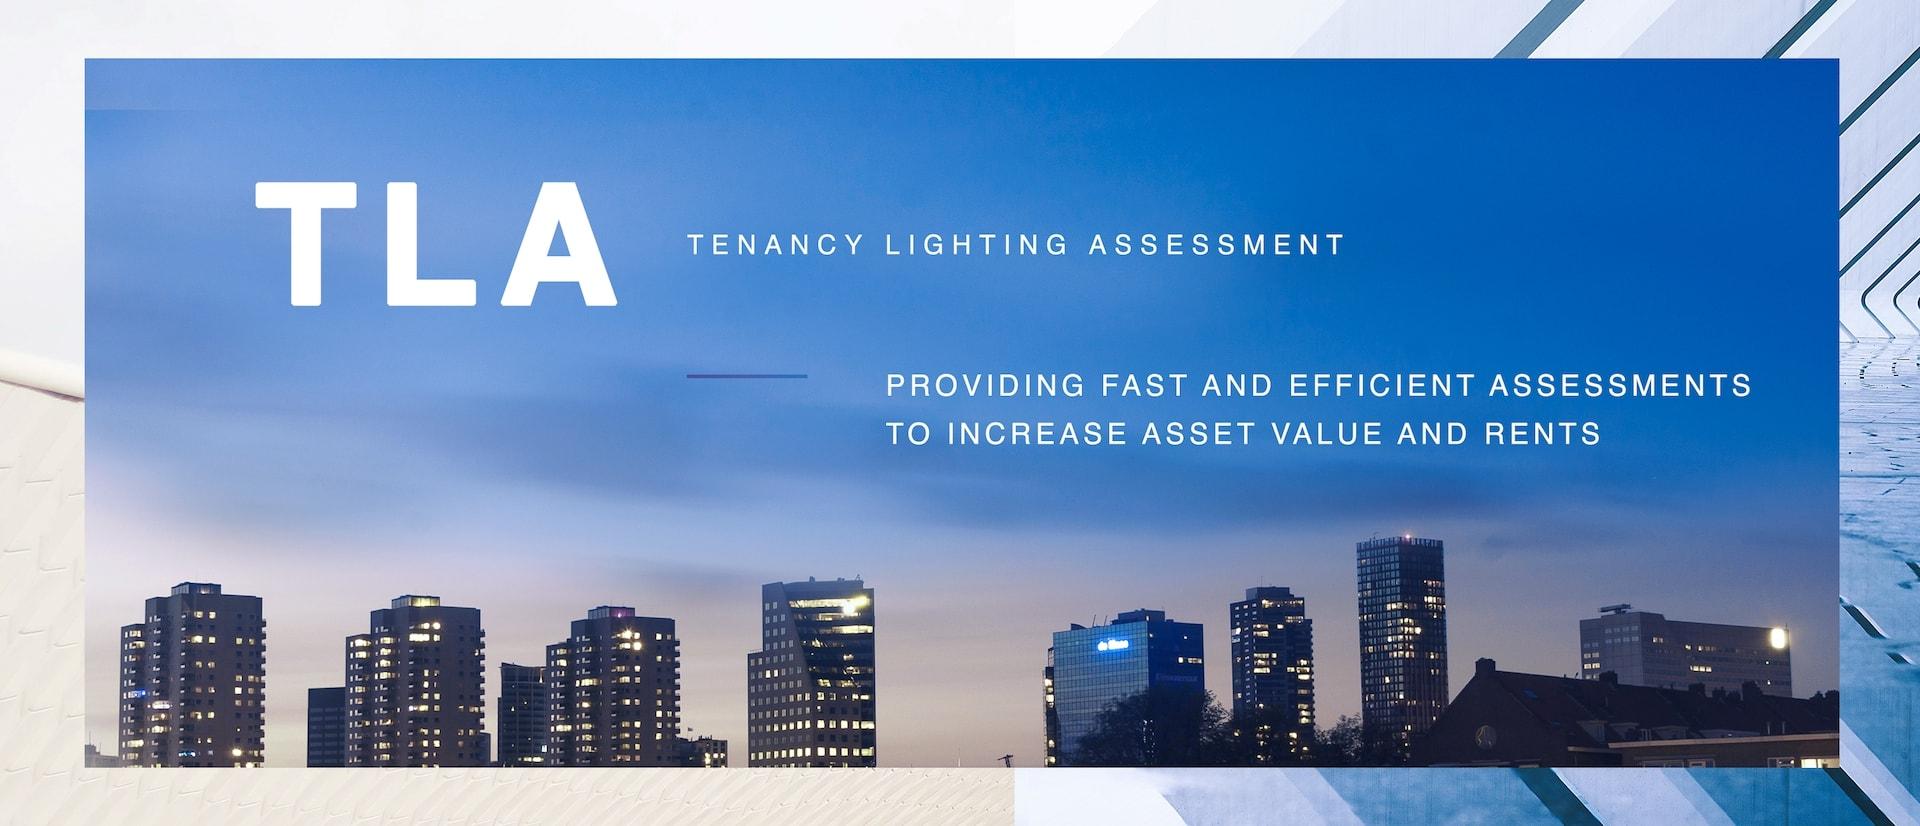 Tenancy Lighting Assessment